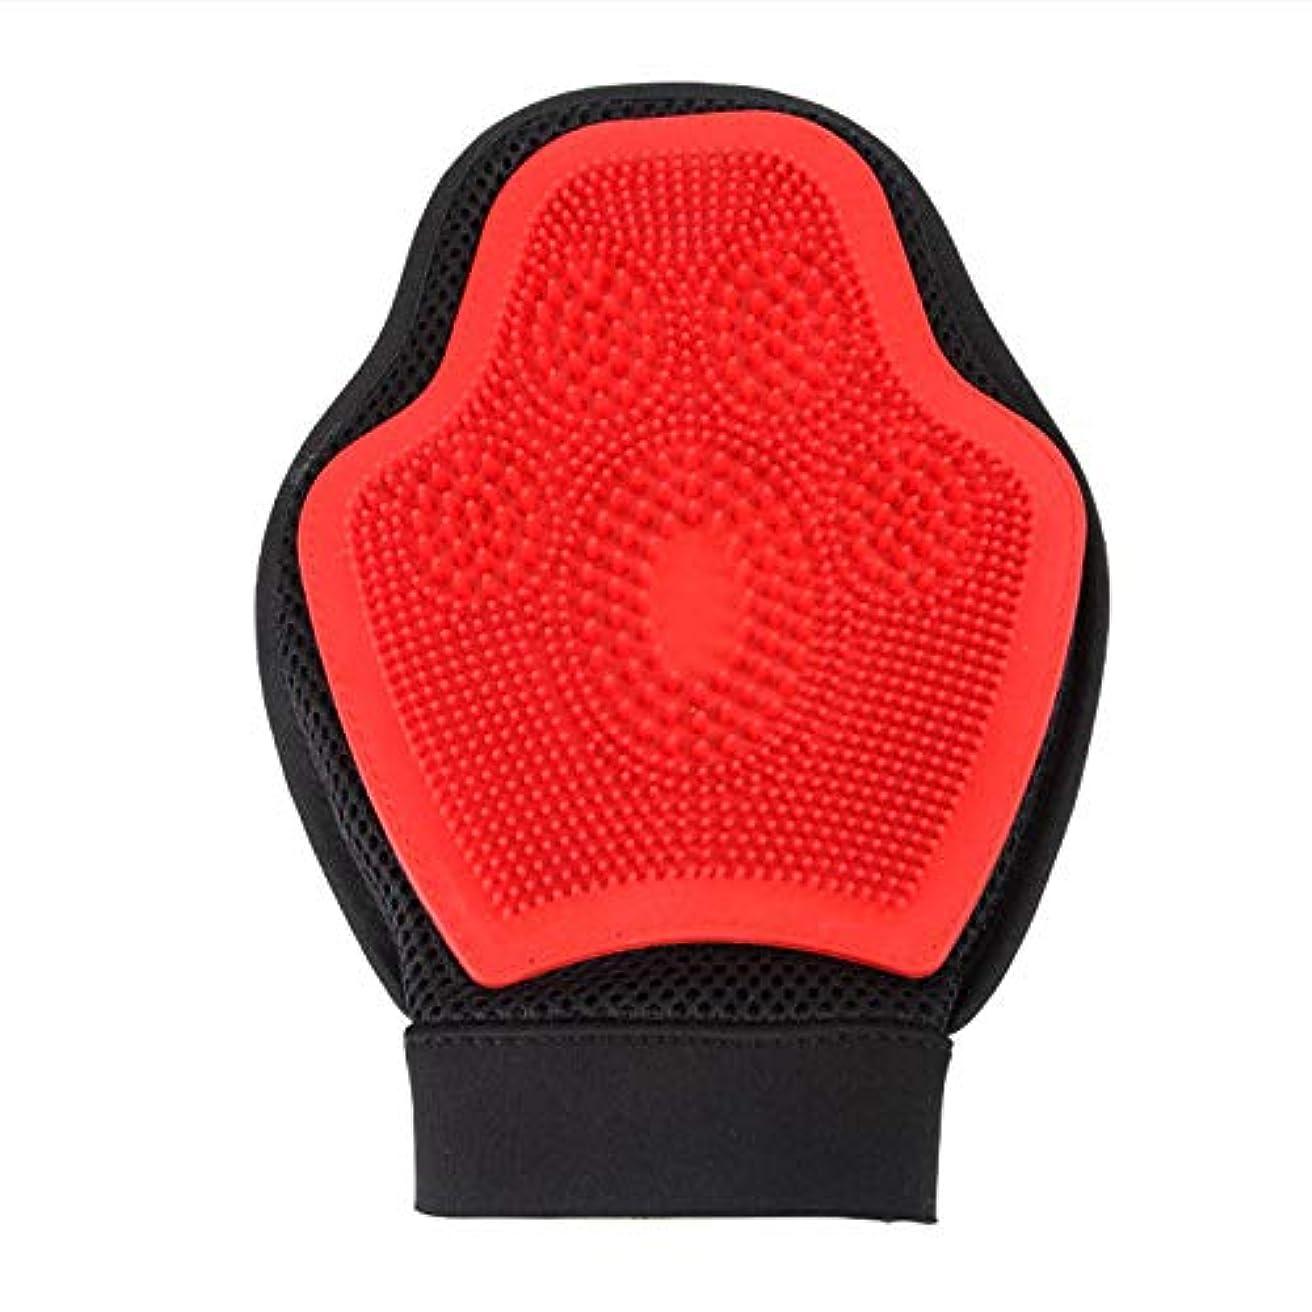 ドキュメンタリーのどモートBTXXYJP 手袋 ペット ブラシ グローブ 猫 ブラシ クリーナー 抜け毛取り ブラッシング マッサージブラシ 犬 グローブ ペット毛取りブラシ お手入れ (Color : Red, Size : L)